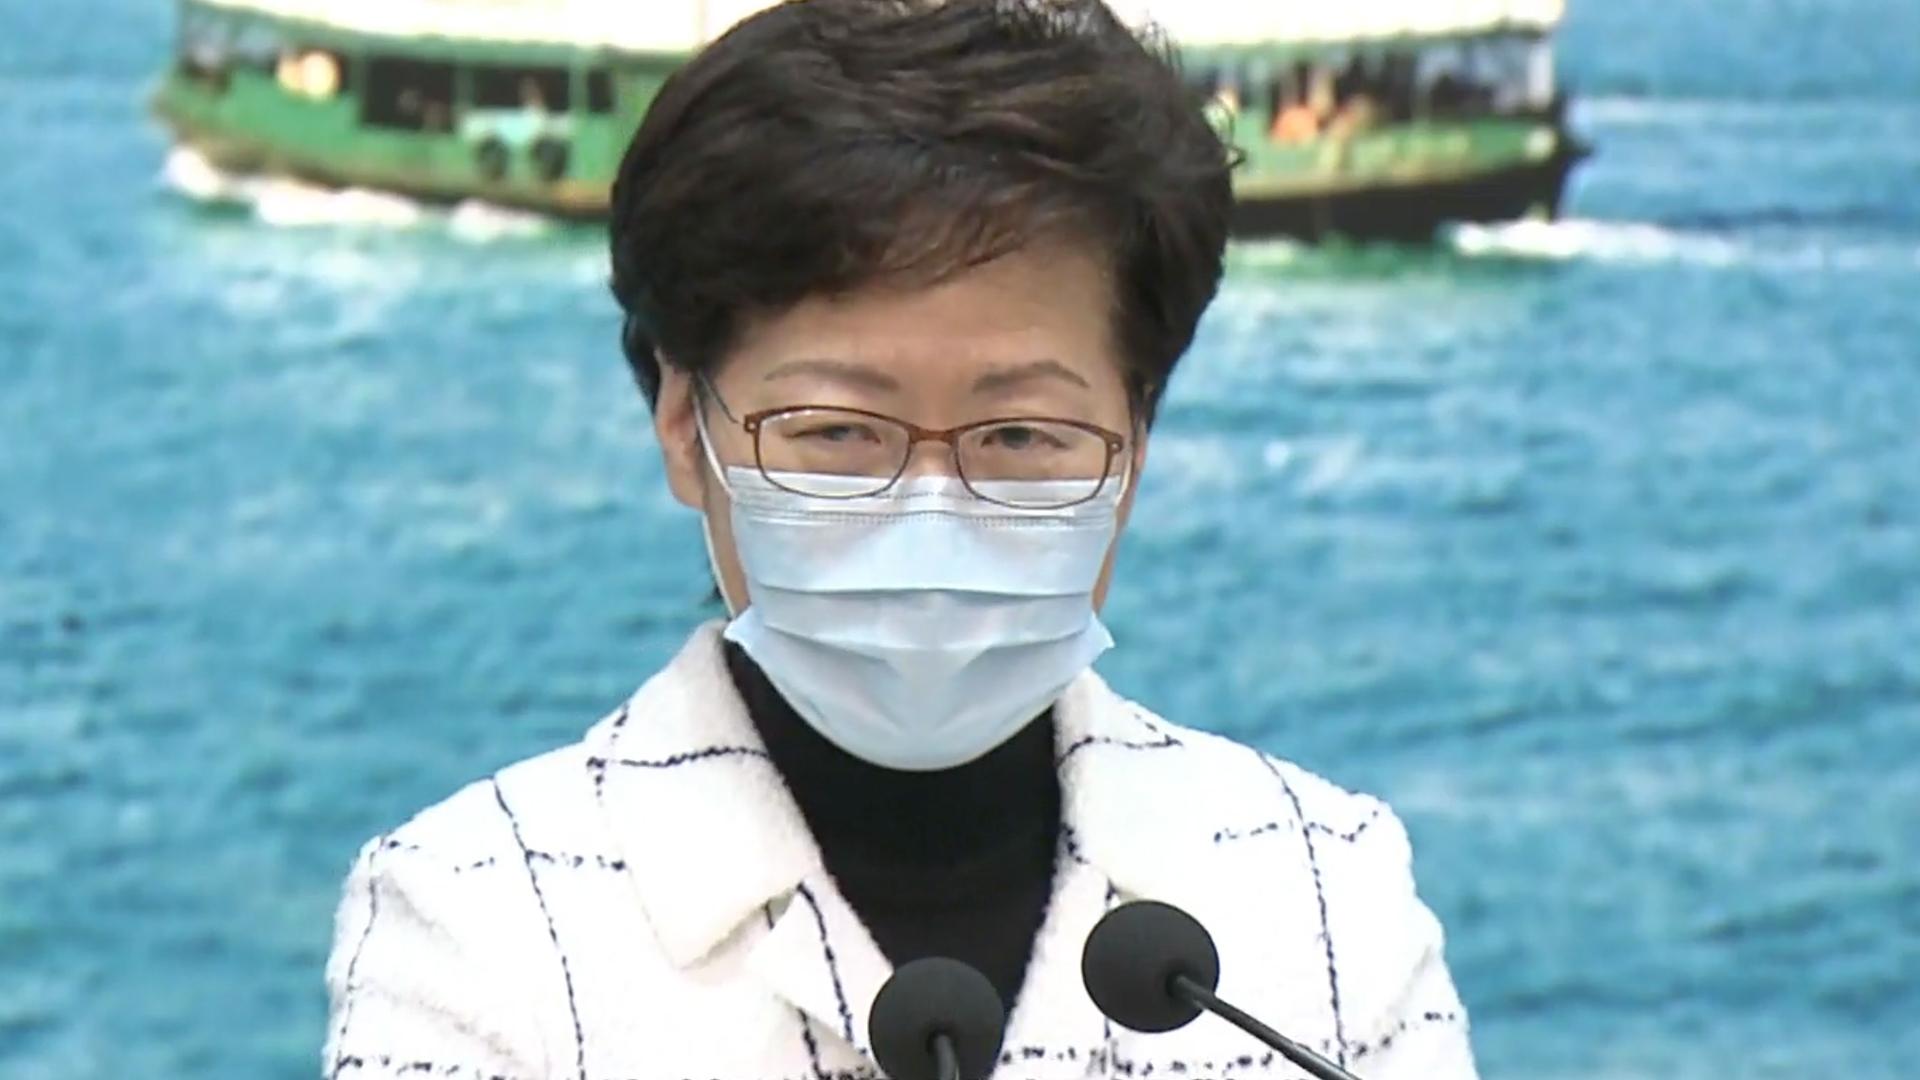 林鄭︰滿意防疫新例執行情況 籲市民自律不排除即時罰款